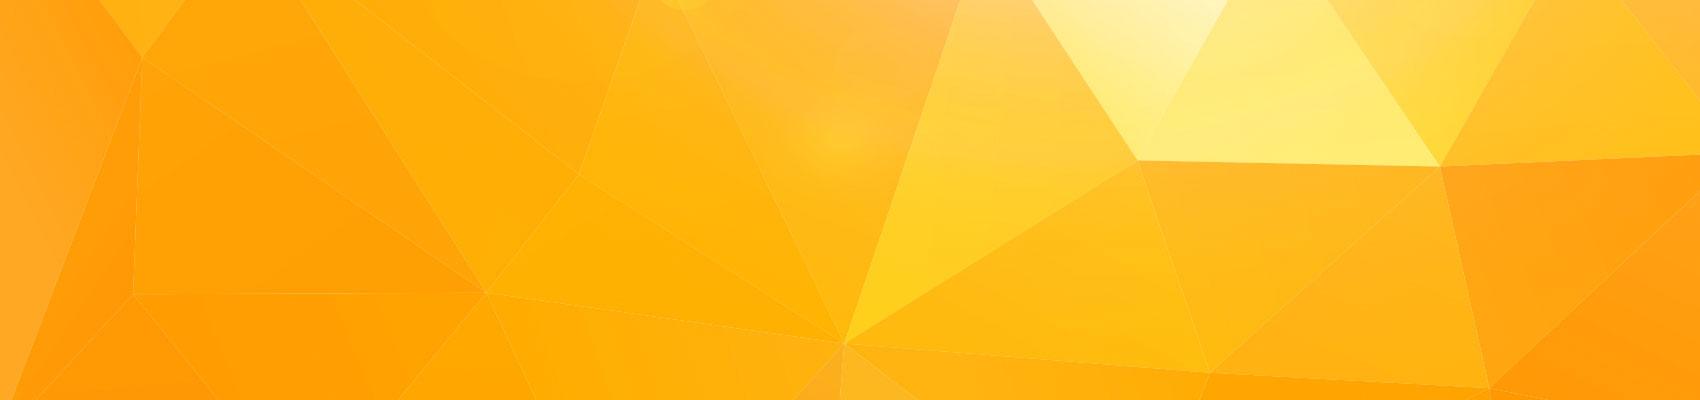 OrangeBack2